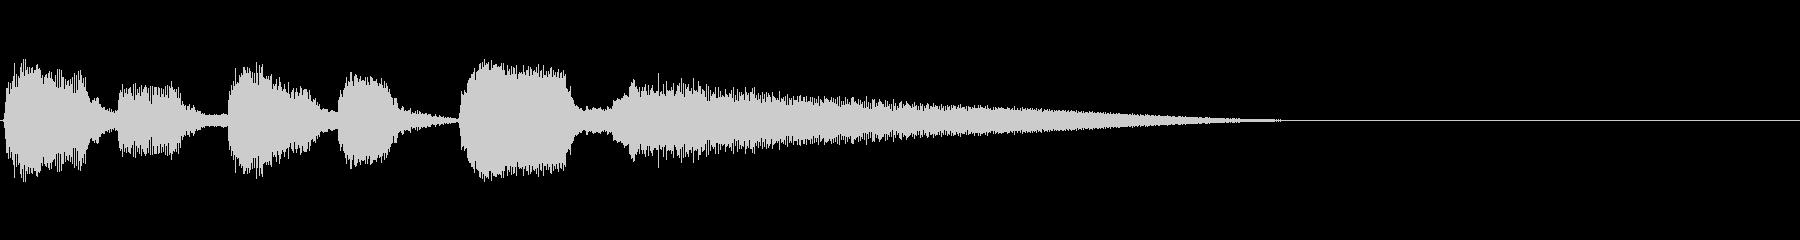 Guitarジングル4/おしゃれコードの未再生の波形